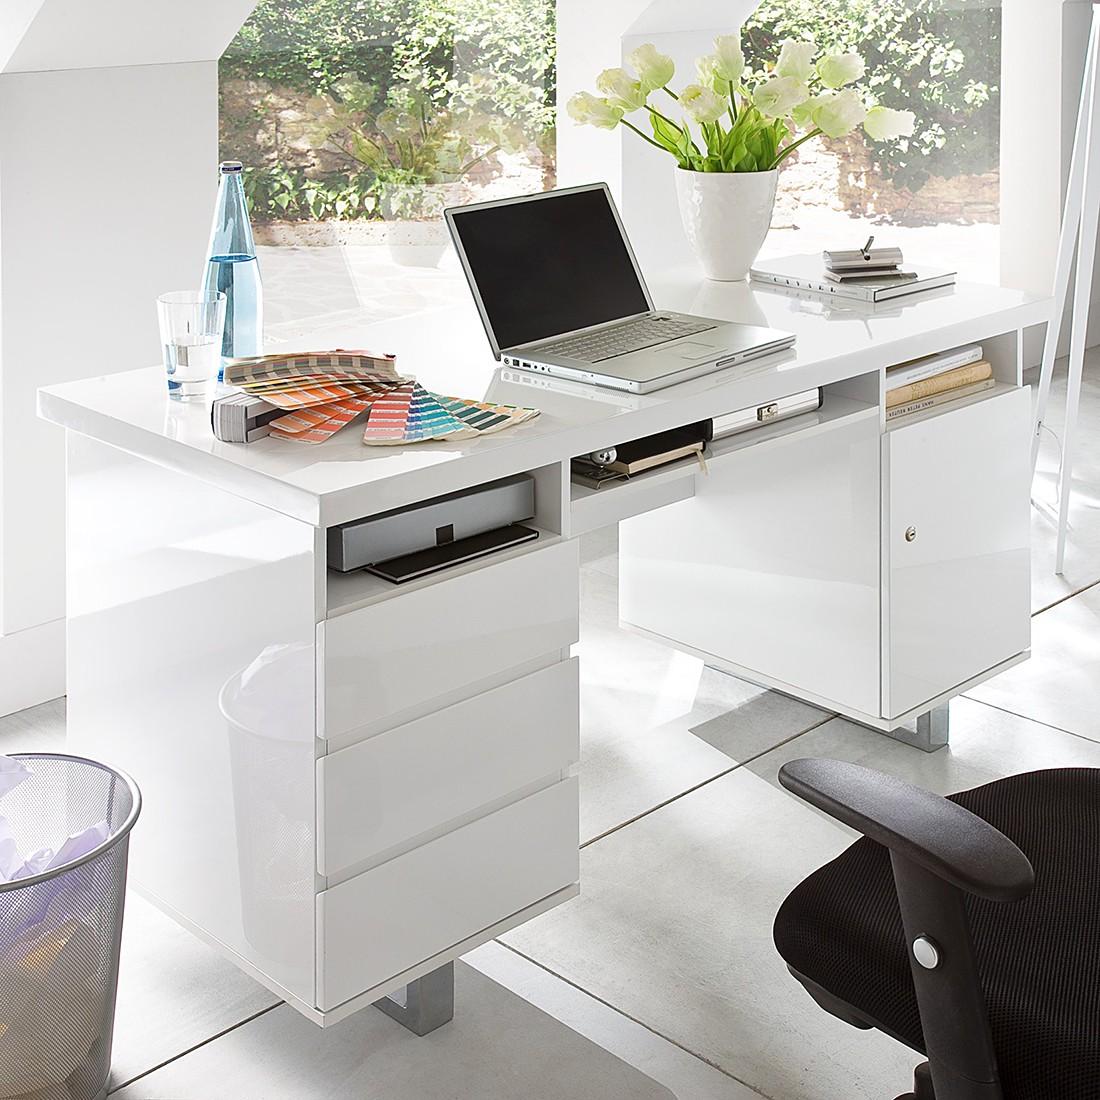 Büromöbel weiss hochglanz  home24office Bürotisch – für ein modernes Heim | home24